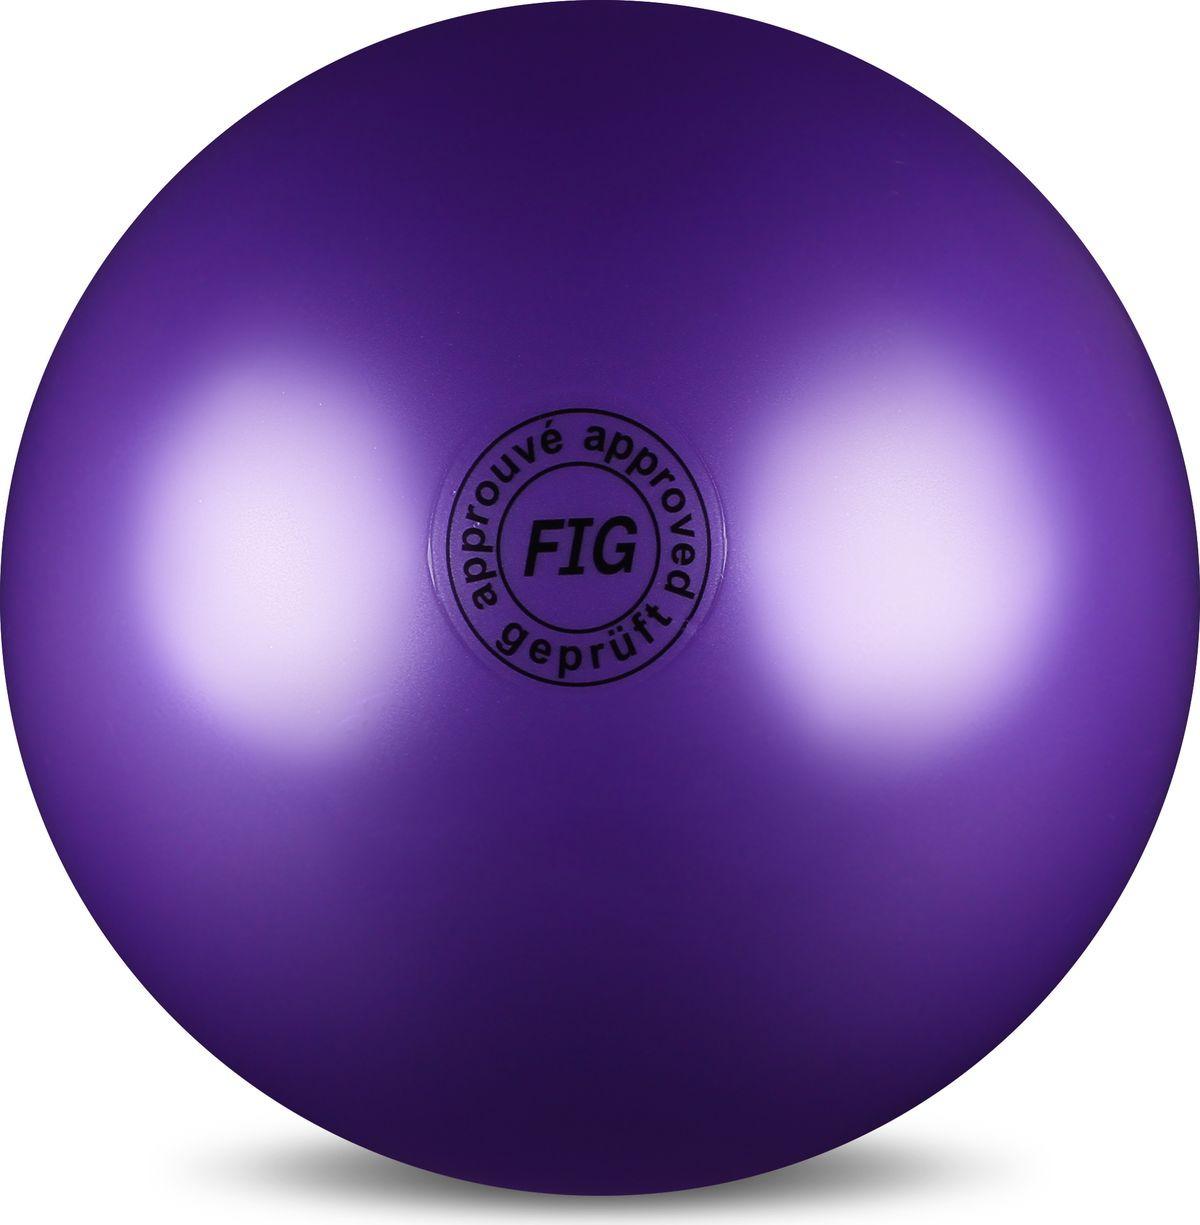 Мяч гимнастический Indigo, цвет: фиолетовый, диаметр 19 см мяч гимнастический indigo in001 цвет голубой диаметр 75 см